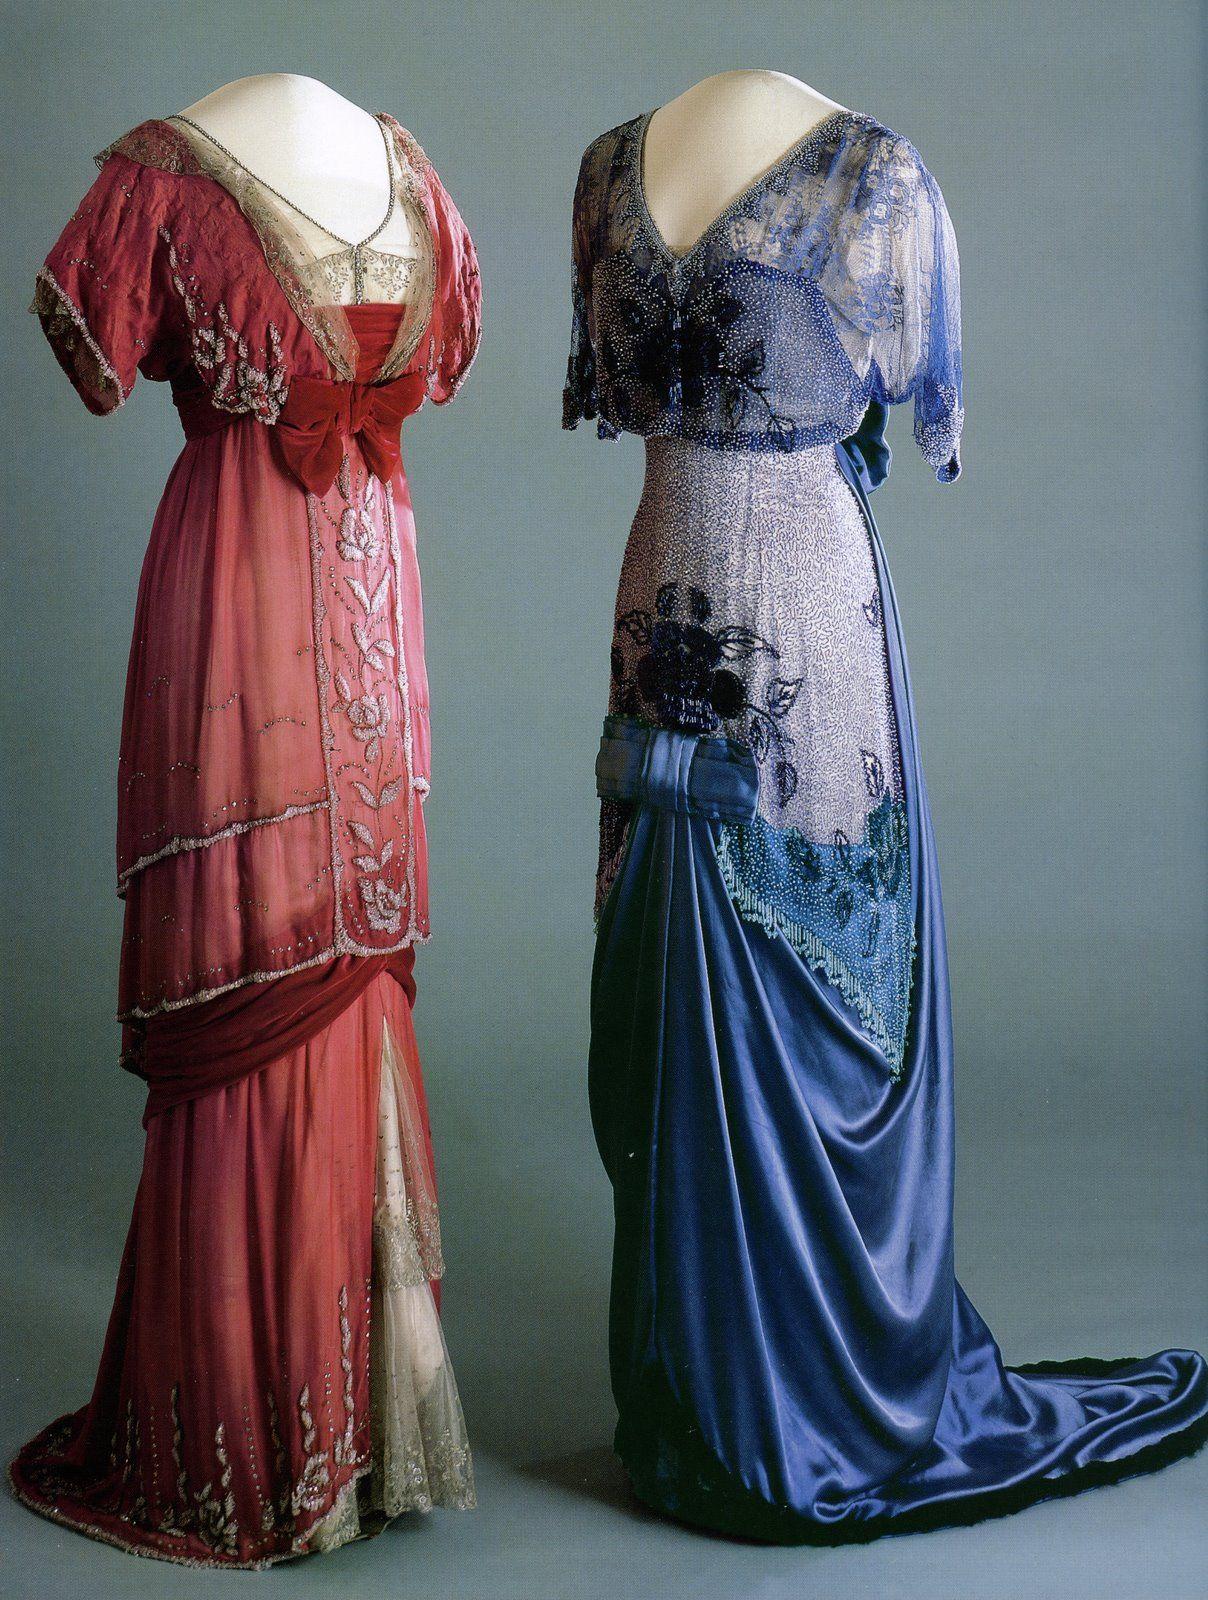 Gowns of Queen Maud of Norway, c. 1910 - 1913.